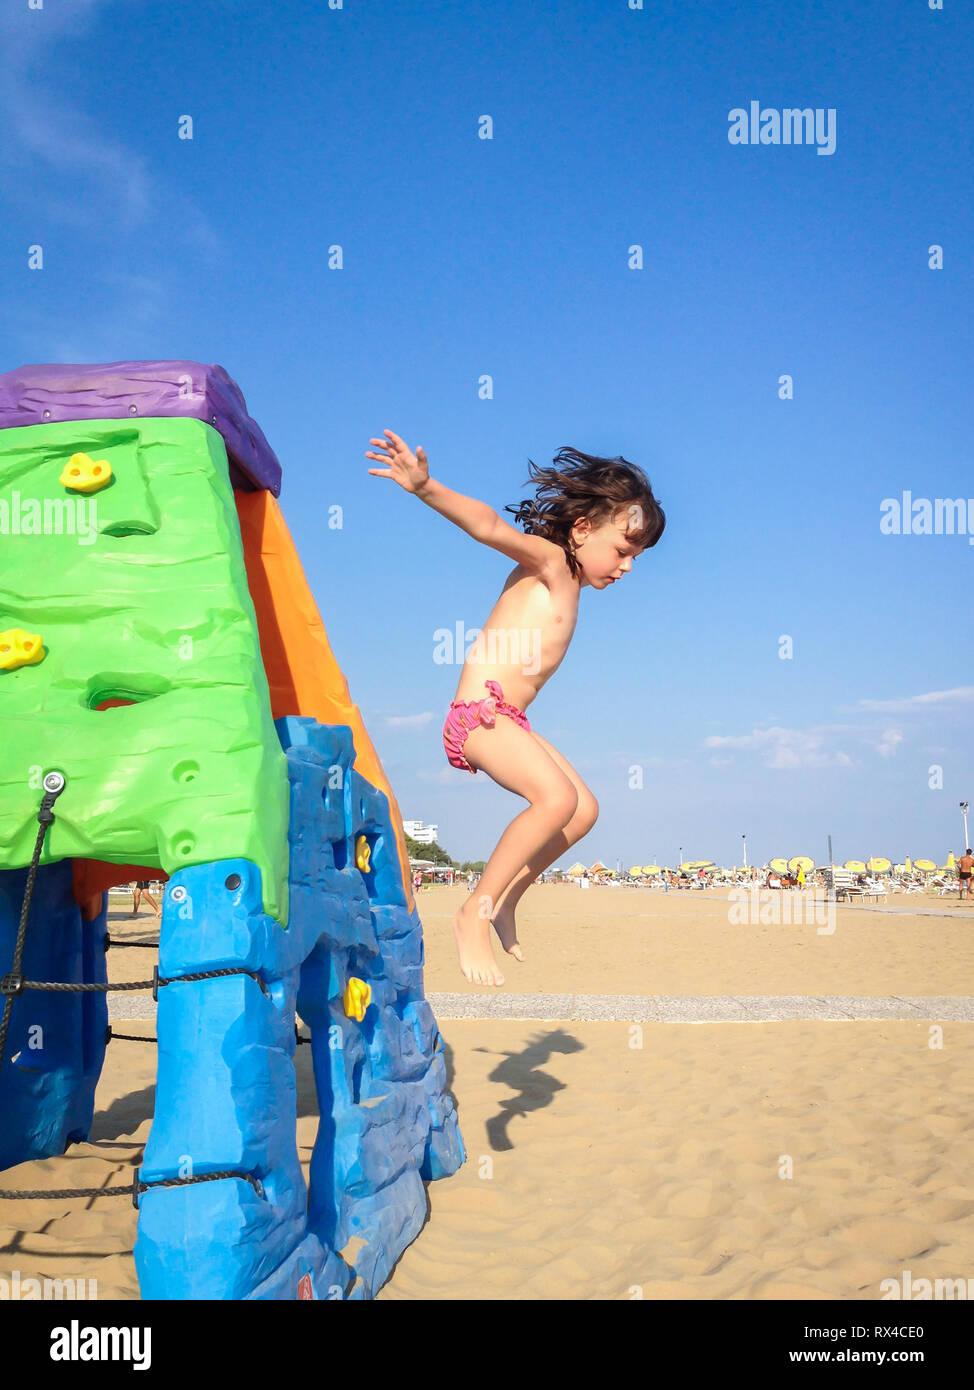 Das Kleine Mädchen Springen Von Einem Bunten Spielzeug Haus